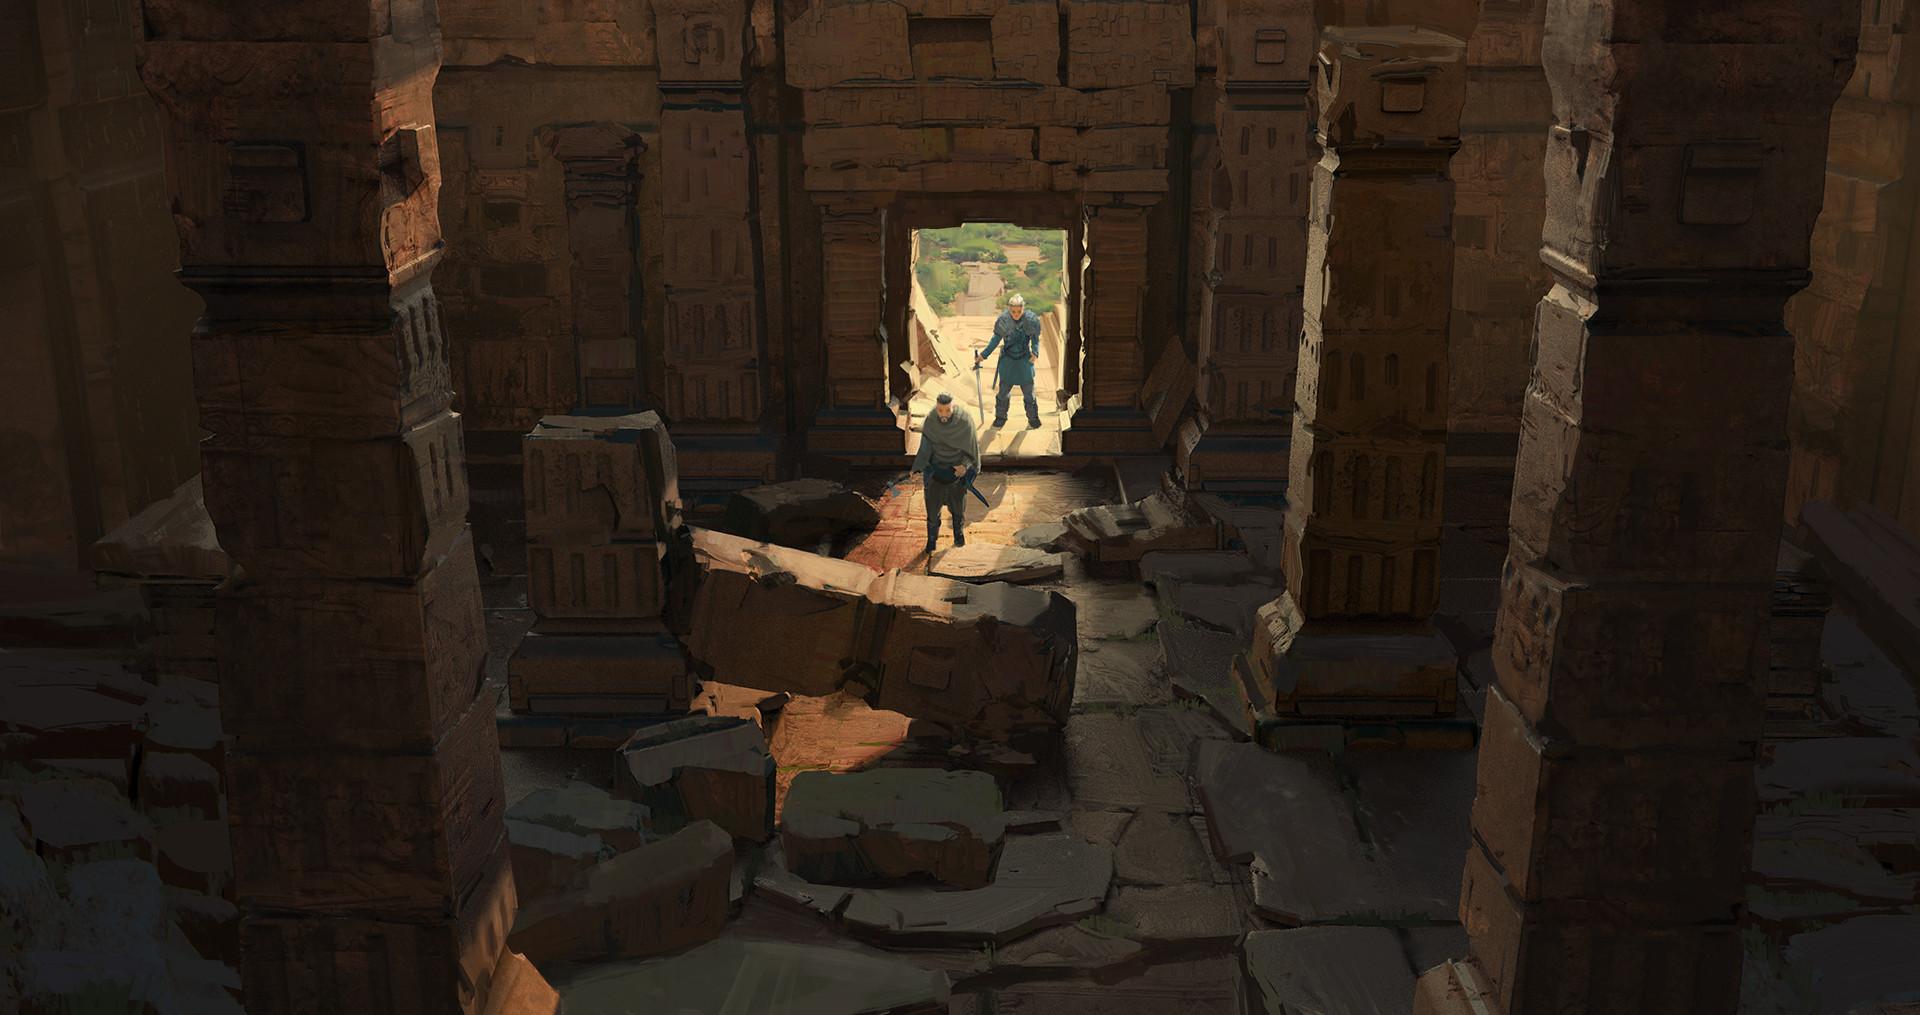 Jad saber ruins